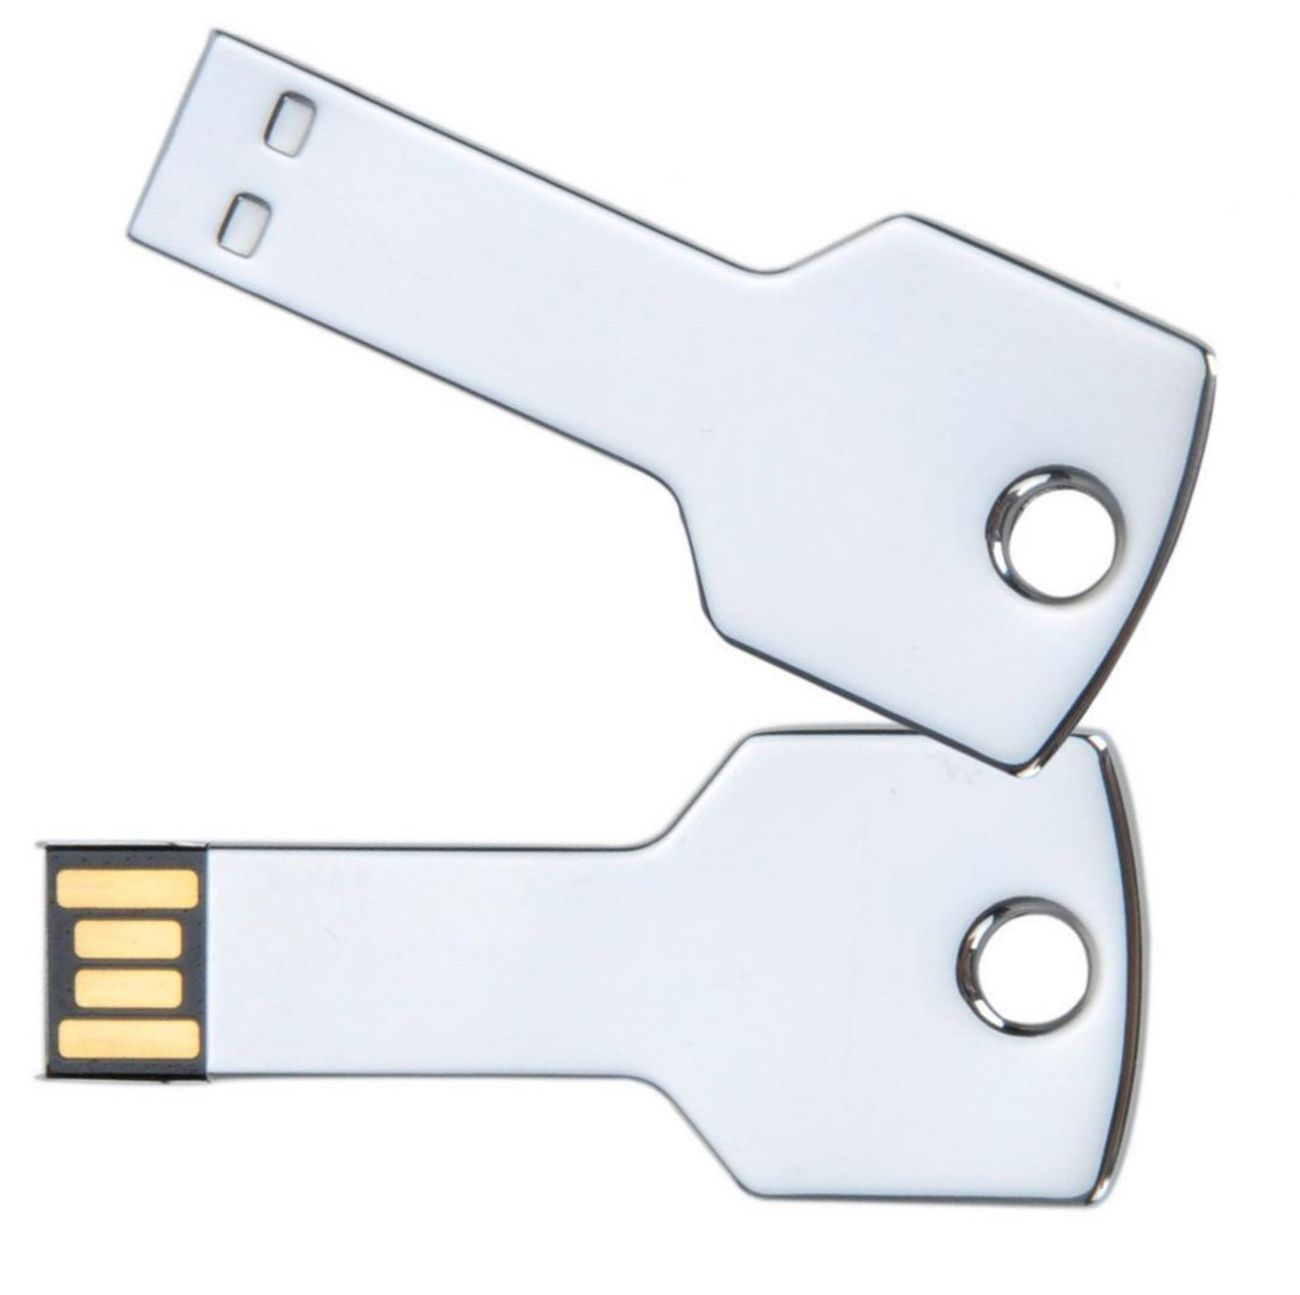 USB-Флешка на 32Gb в форме ключа